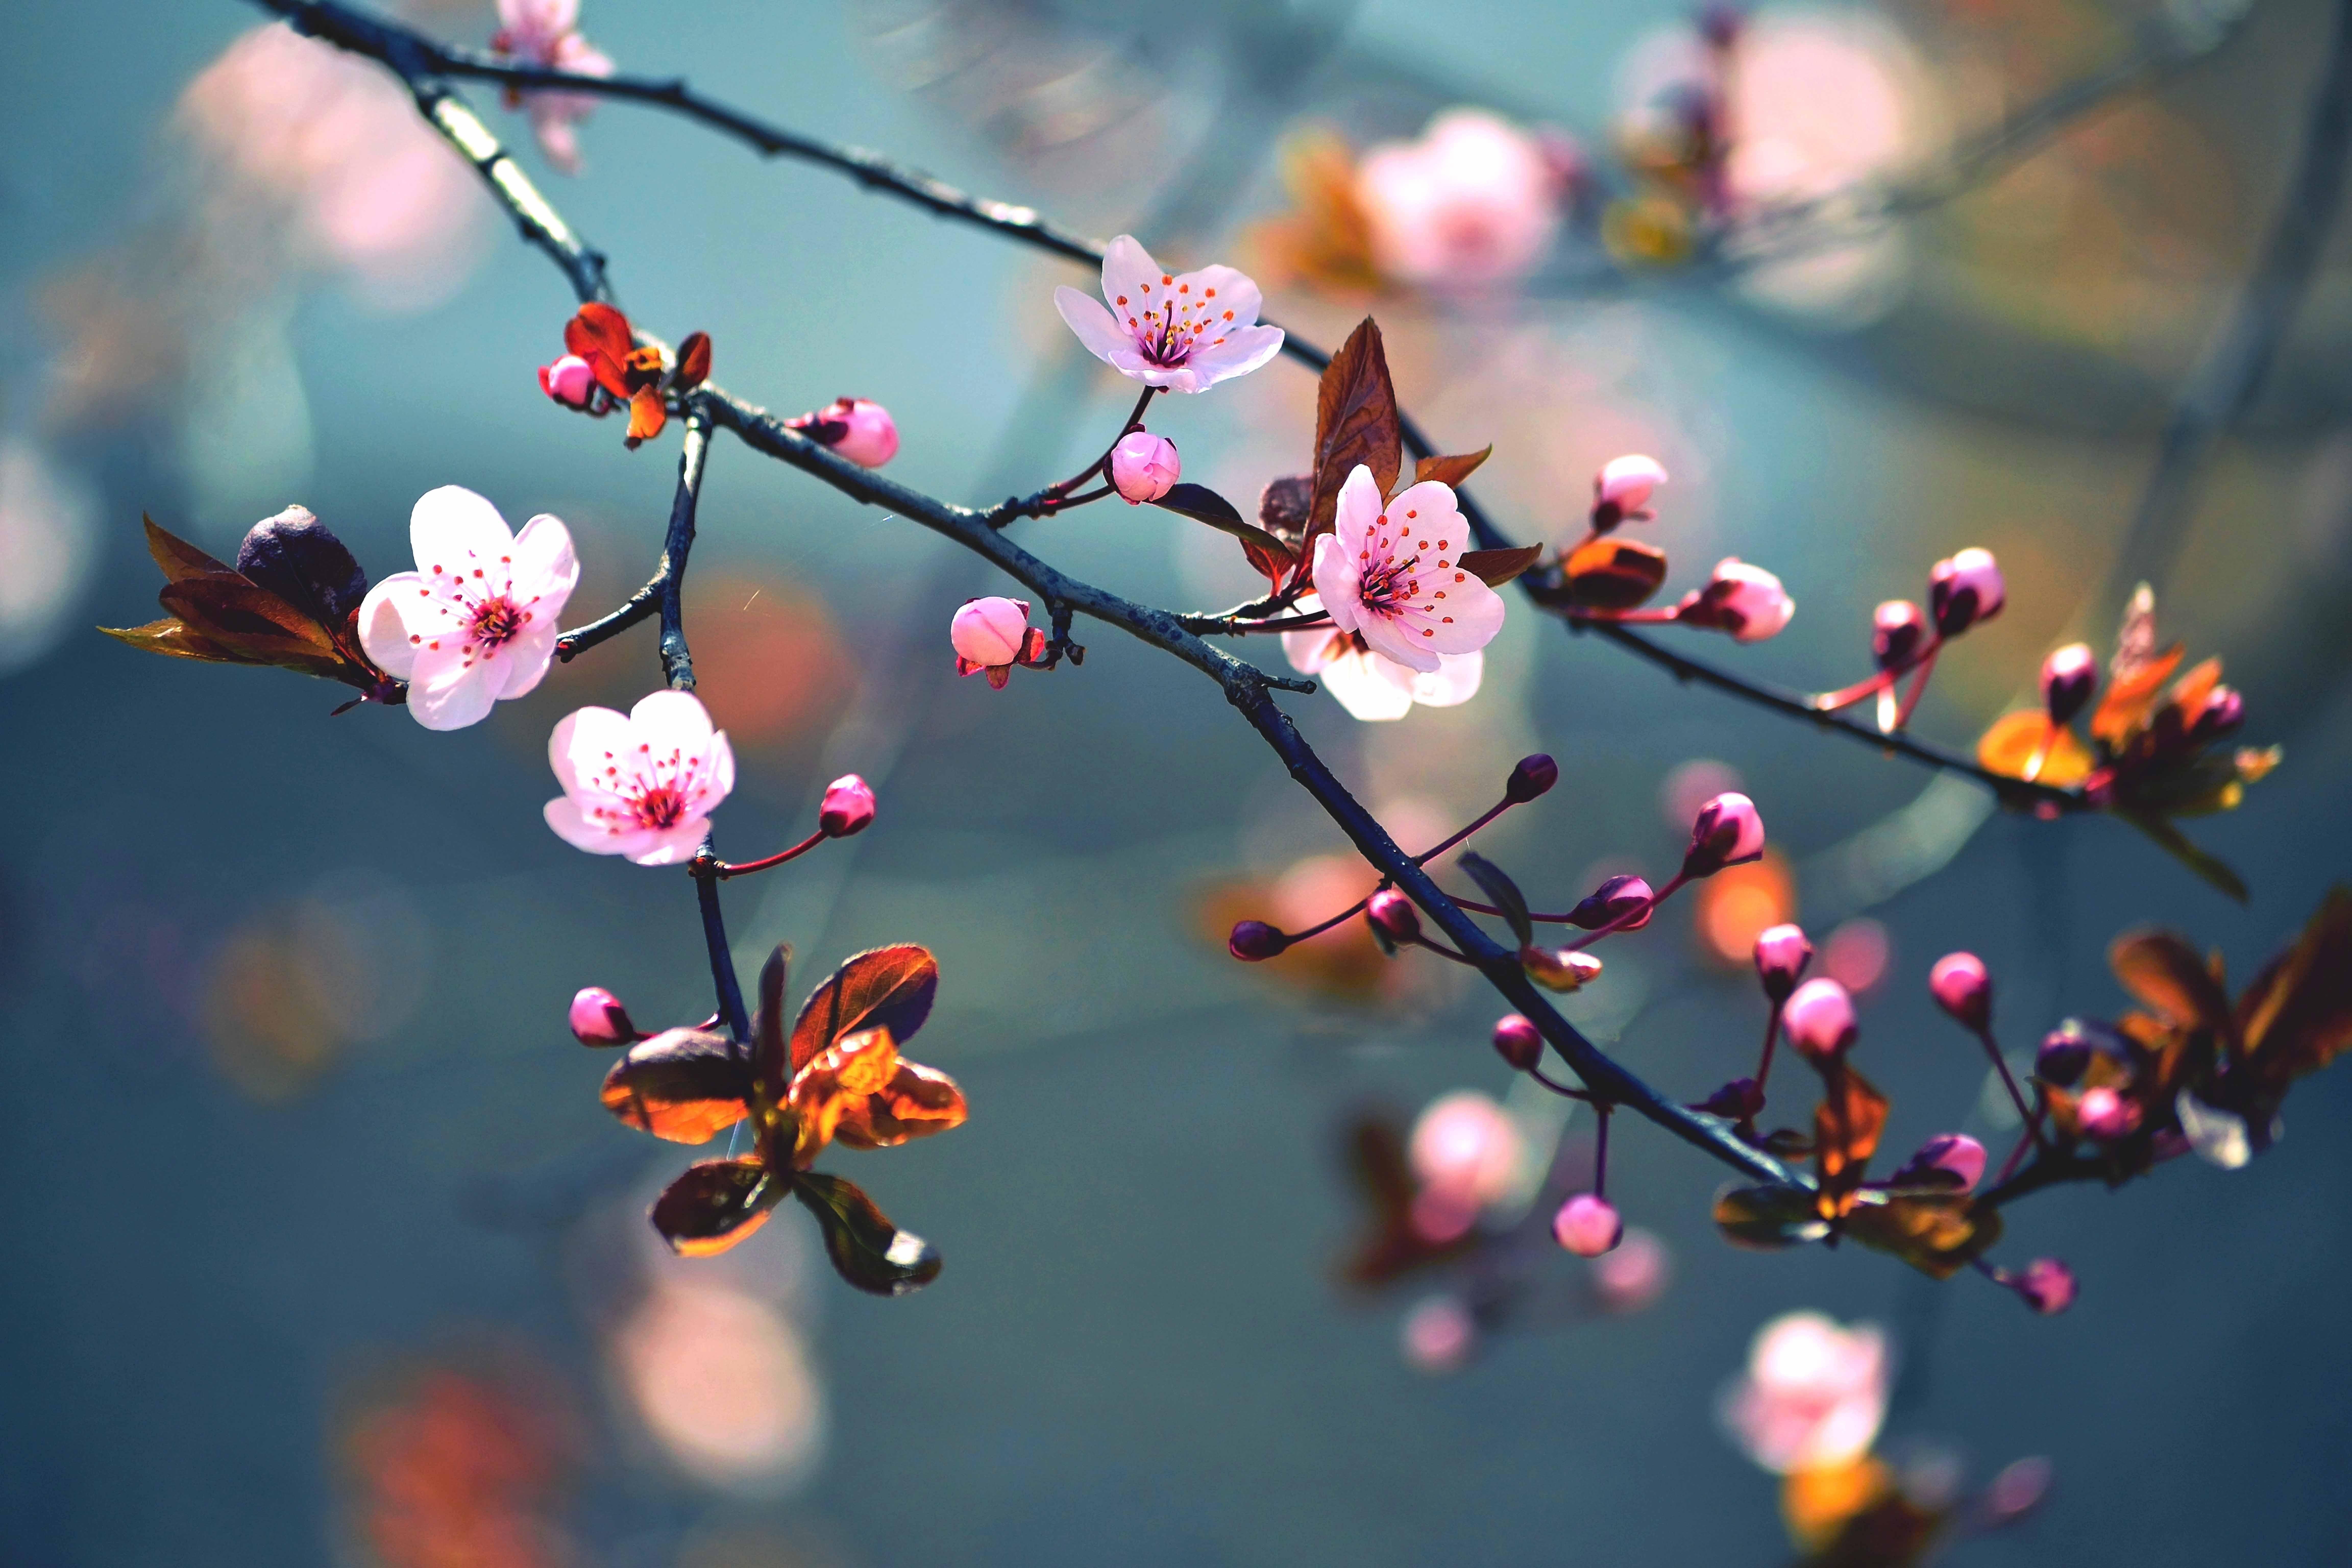 Обои На Телефон Бесплатно Весна